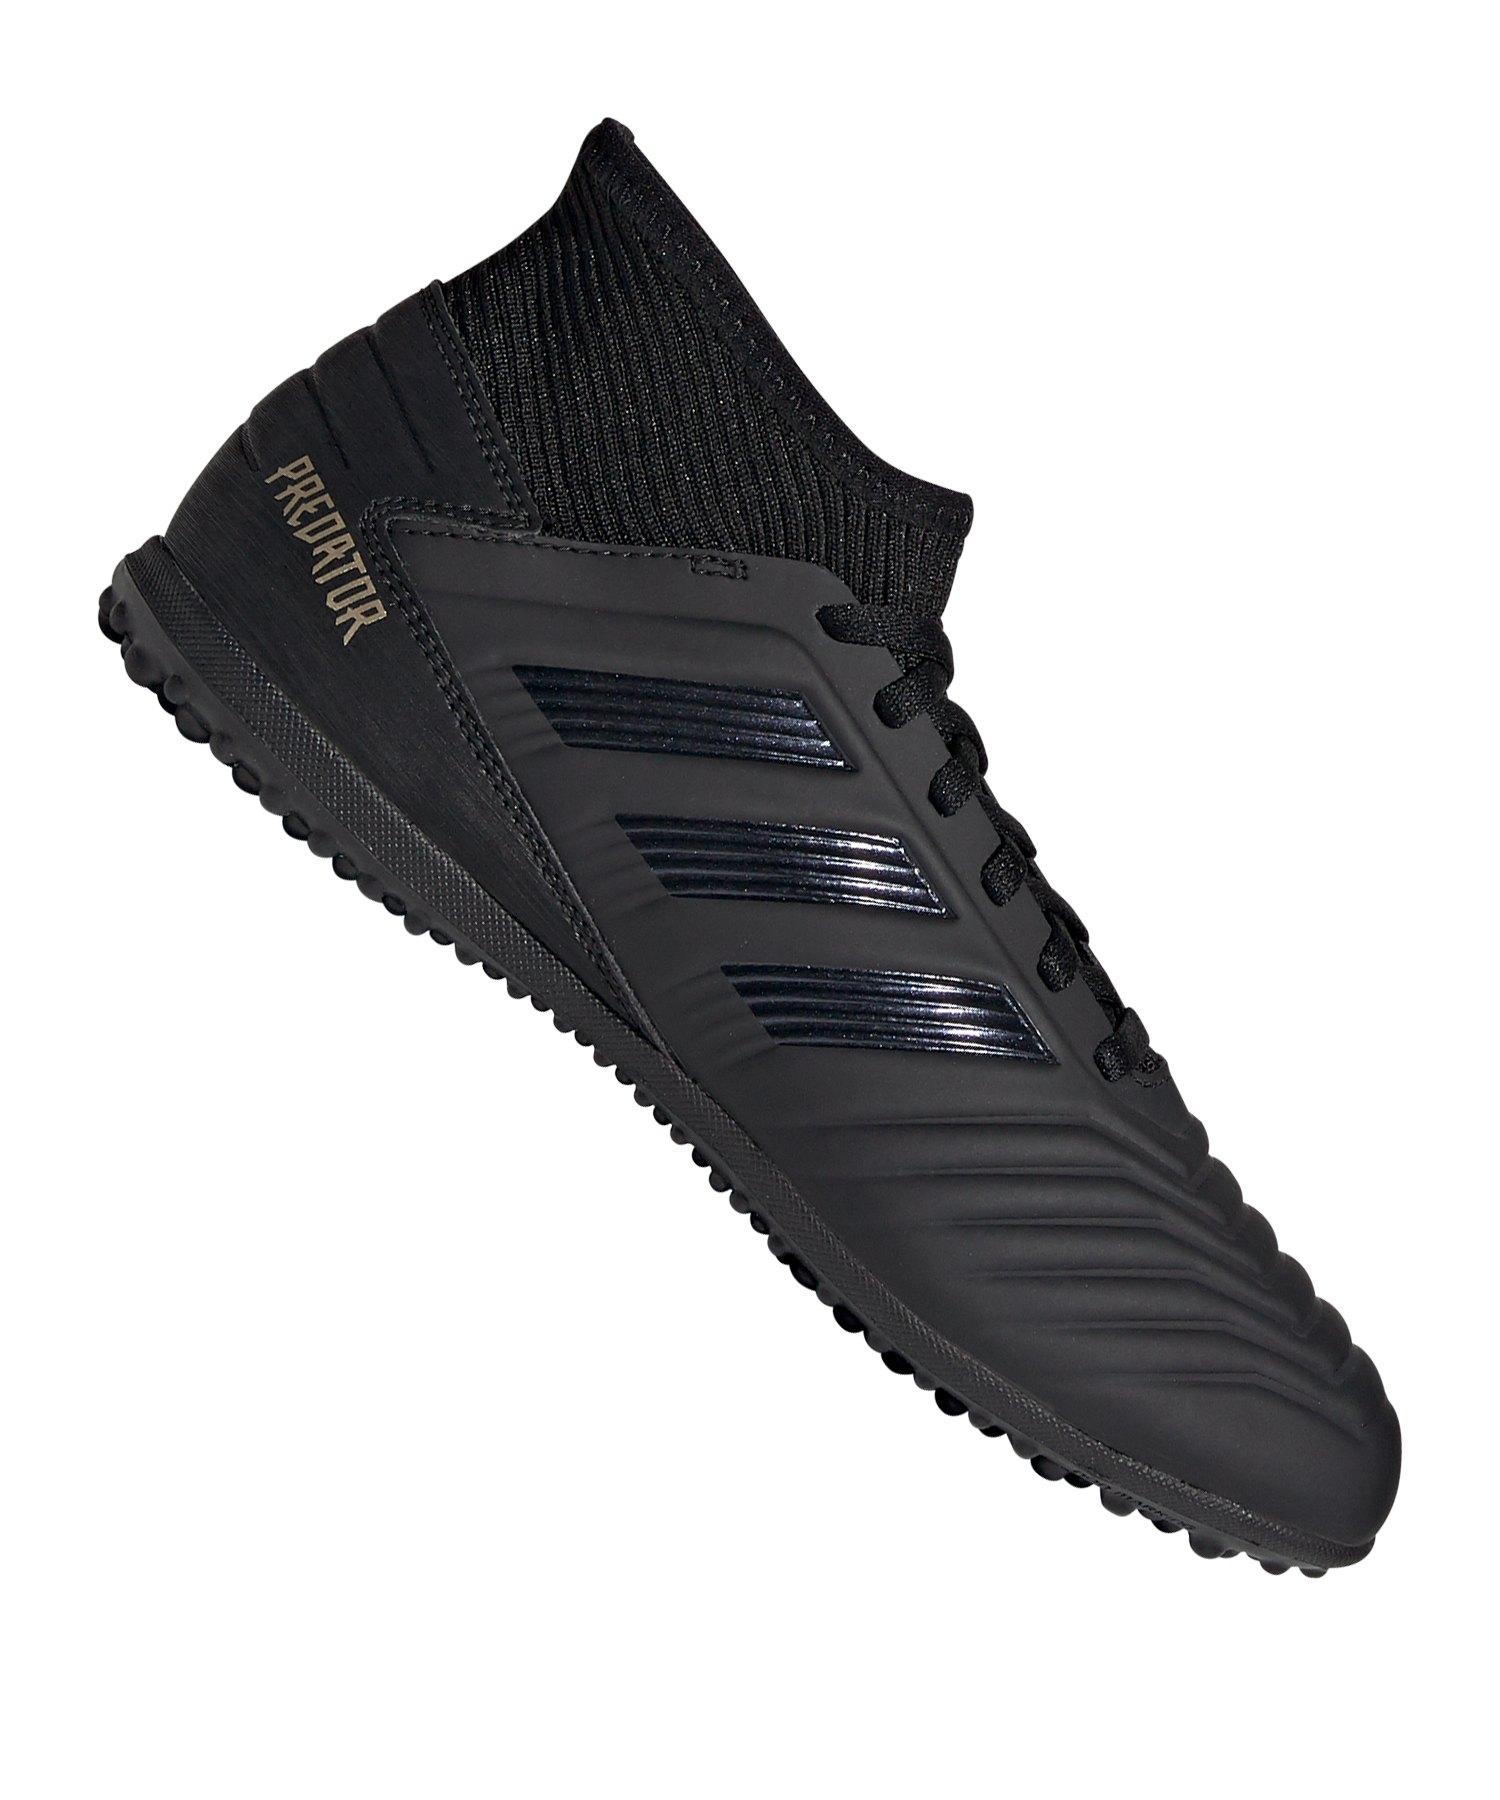 adidas Predator 19.3 TF J Kids Schwarz Gold - Schwarz